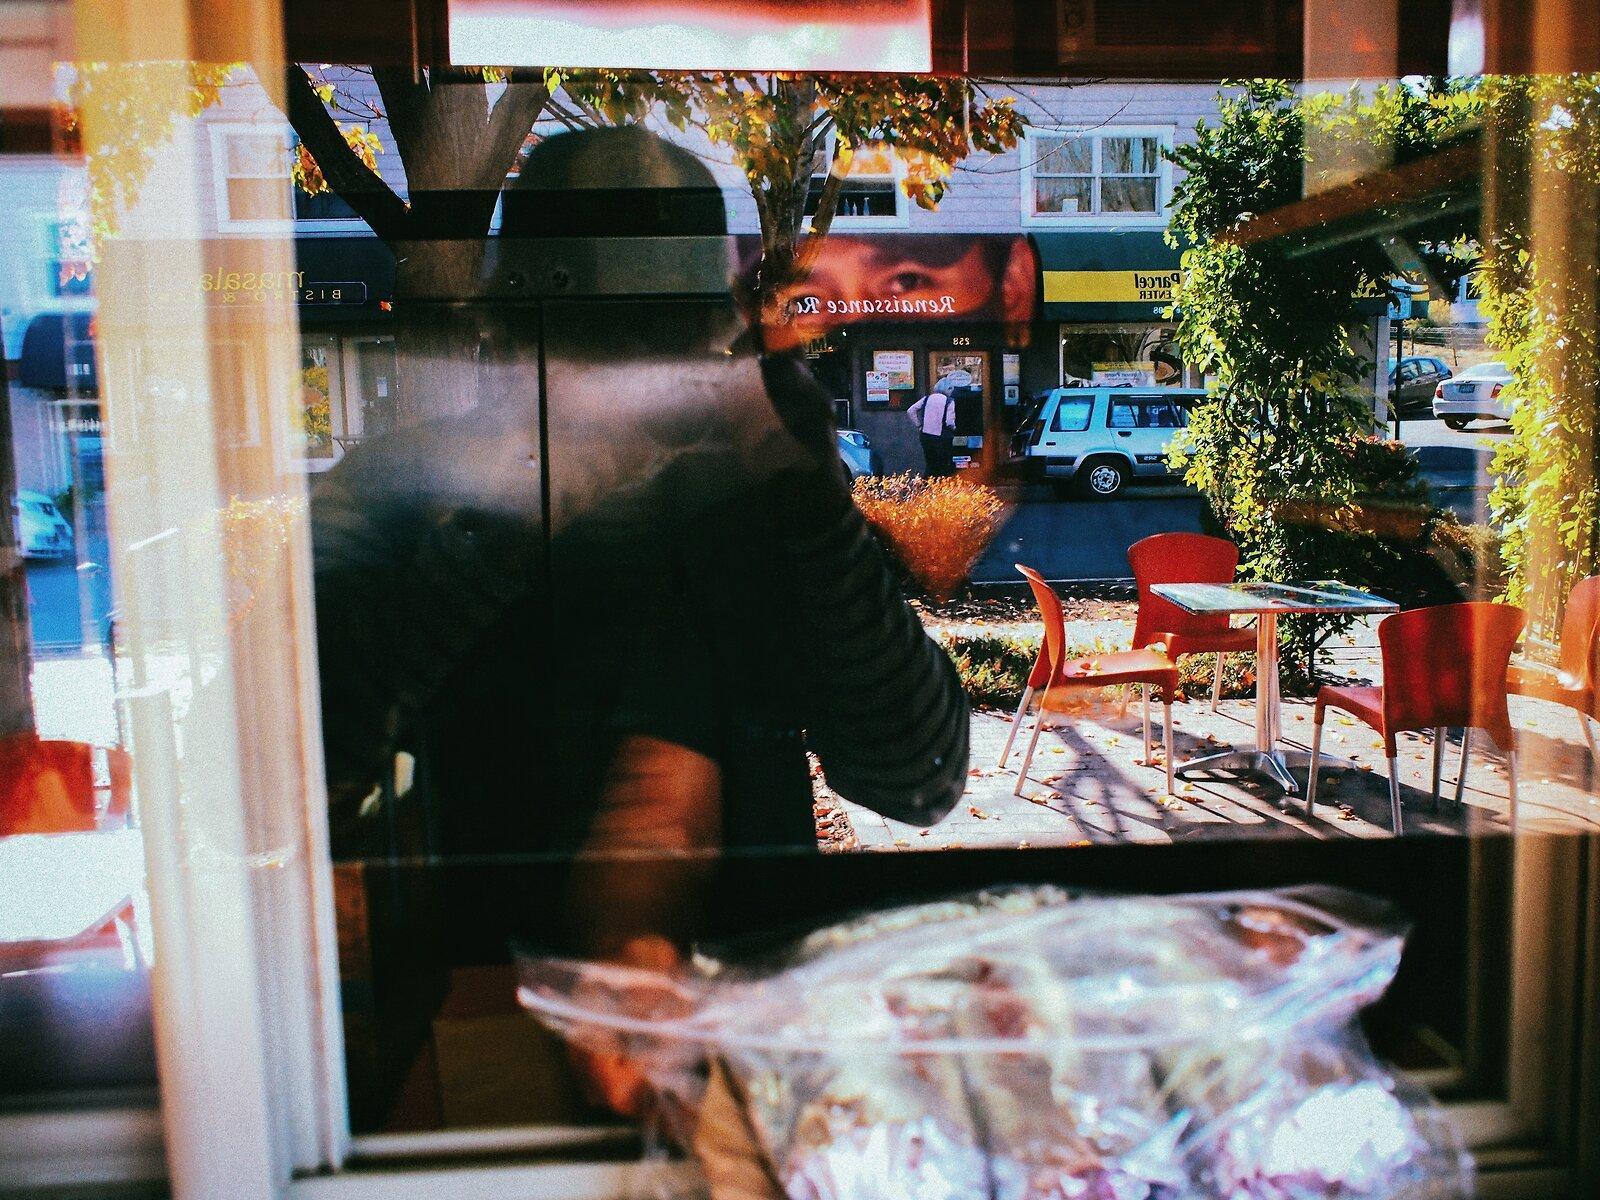 EP3_Nov5_Simple_Cafe_window.jpg